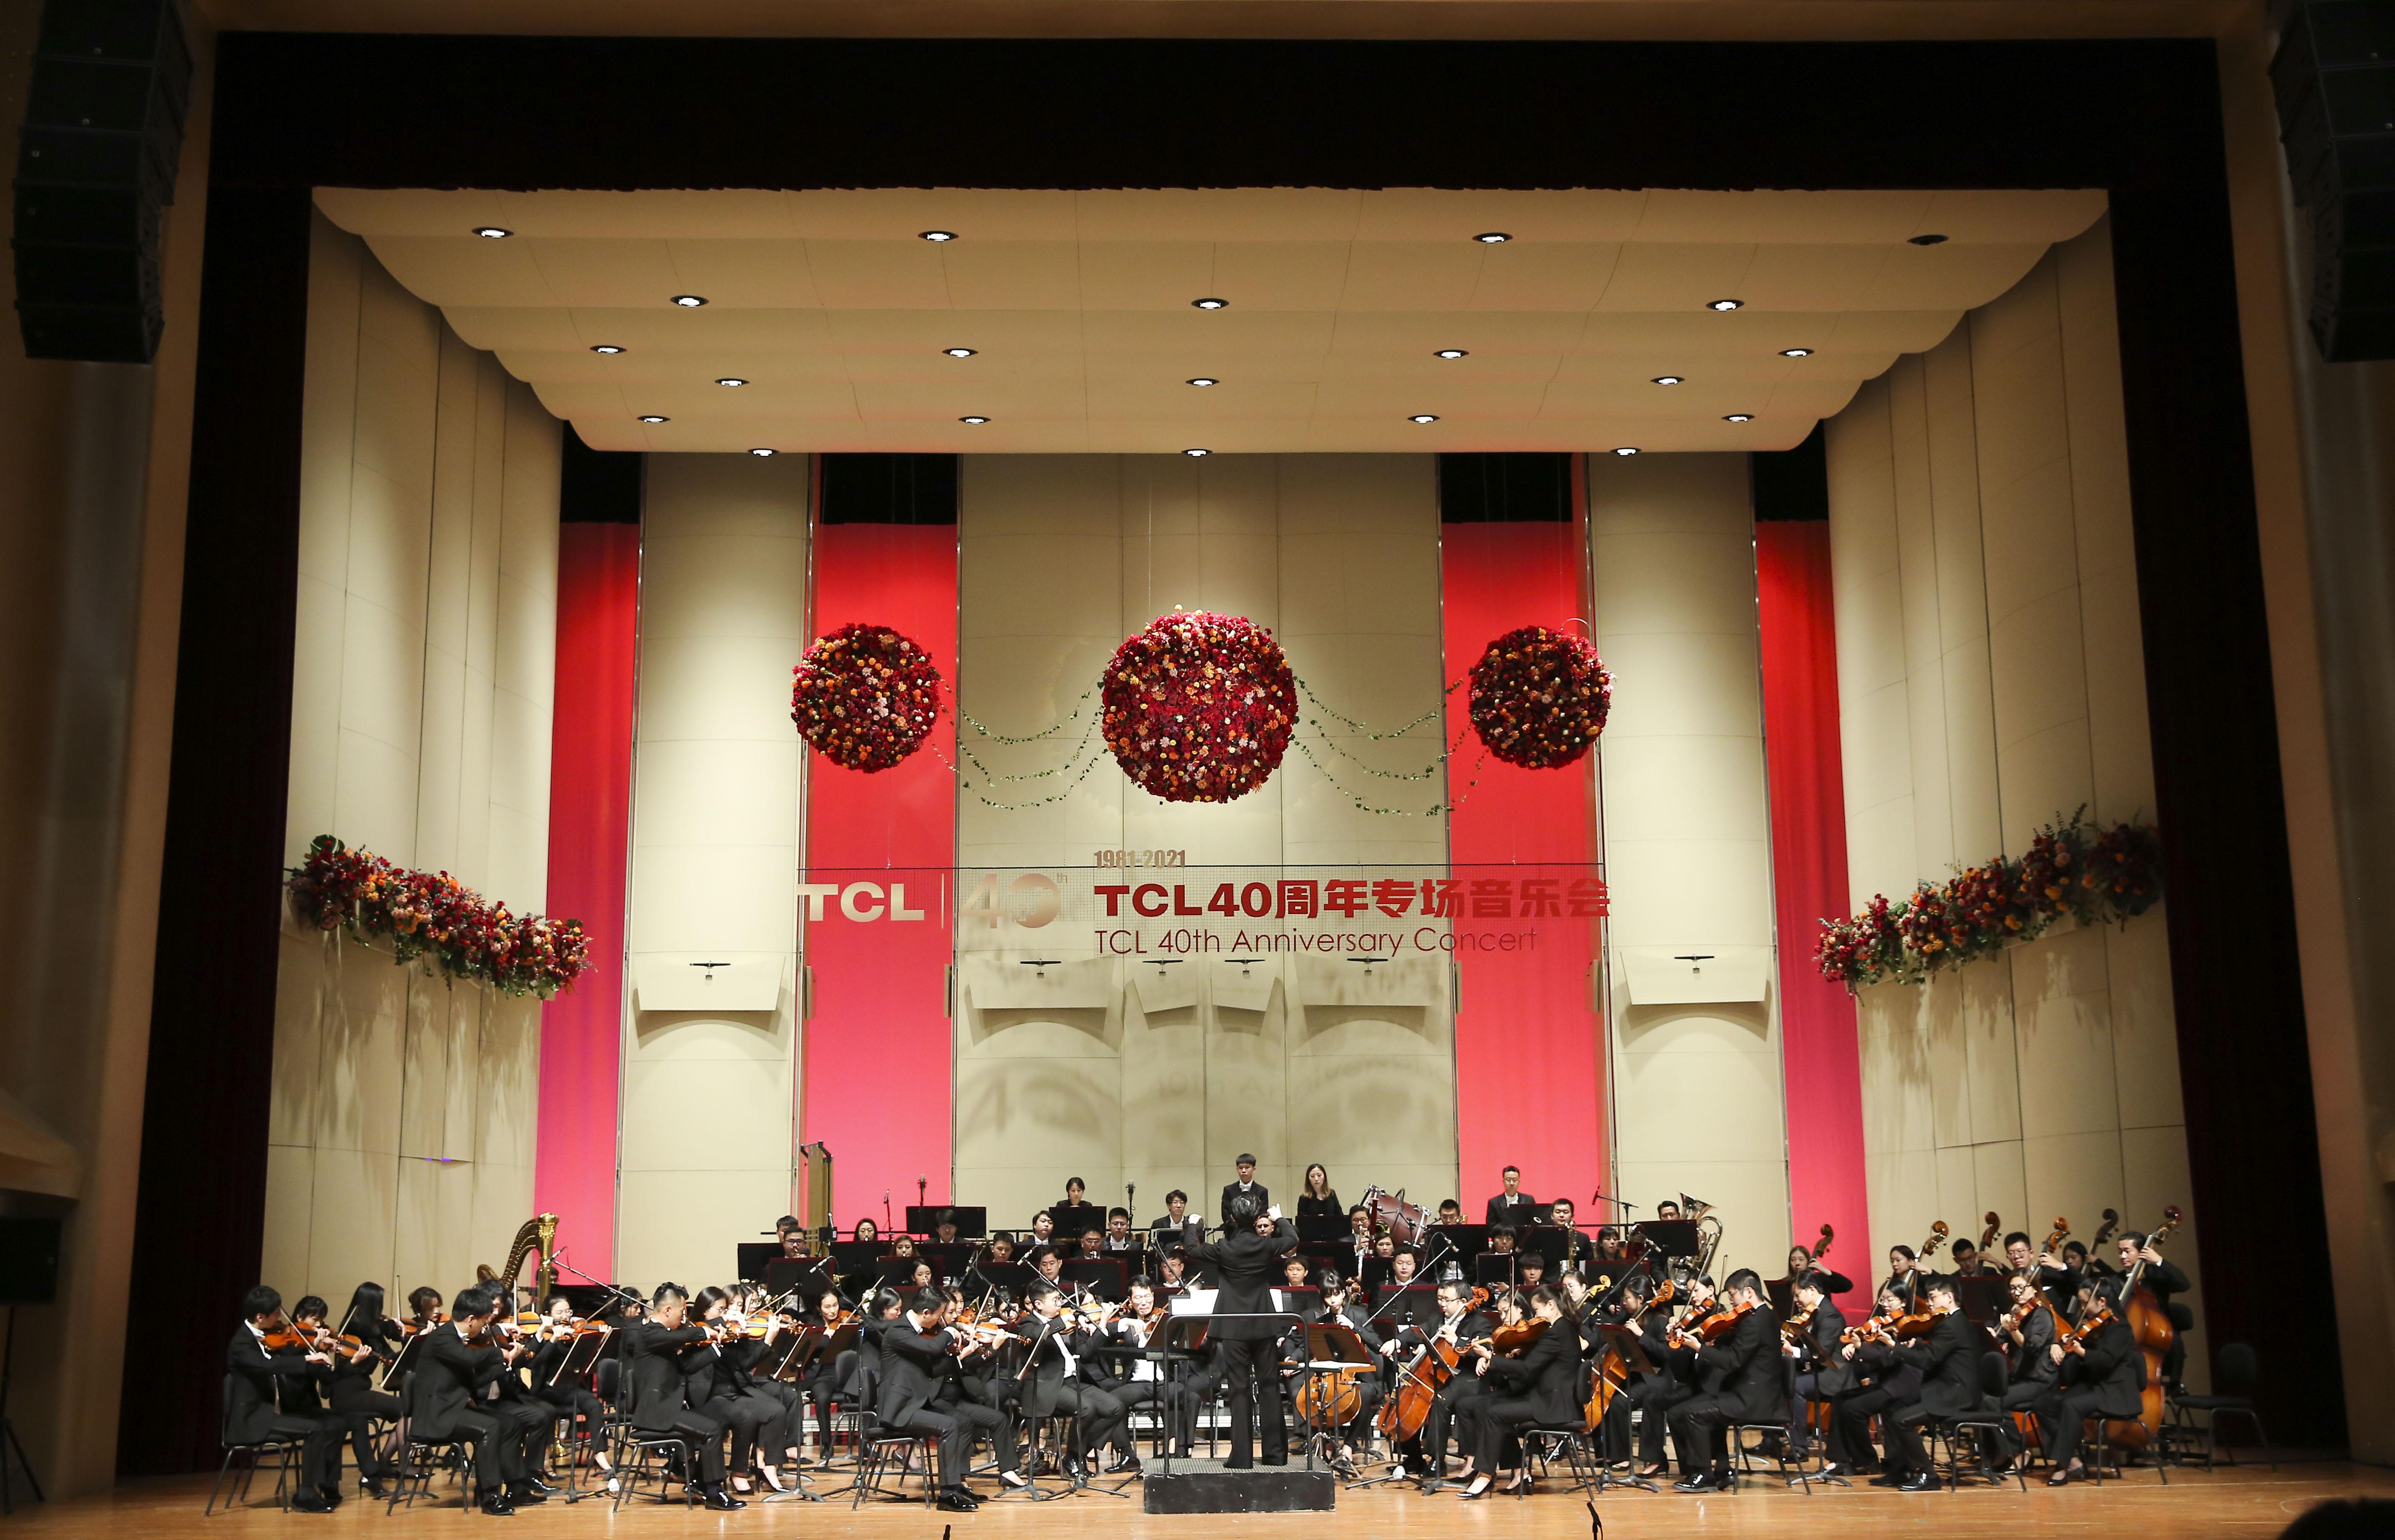 TCL40周年专场音乐会在中央音乐学院歌剧音乐厅举行.jpg